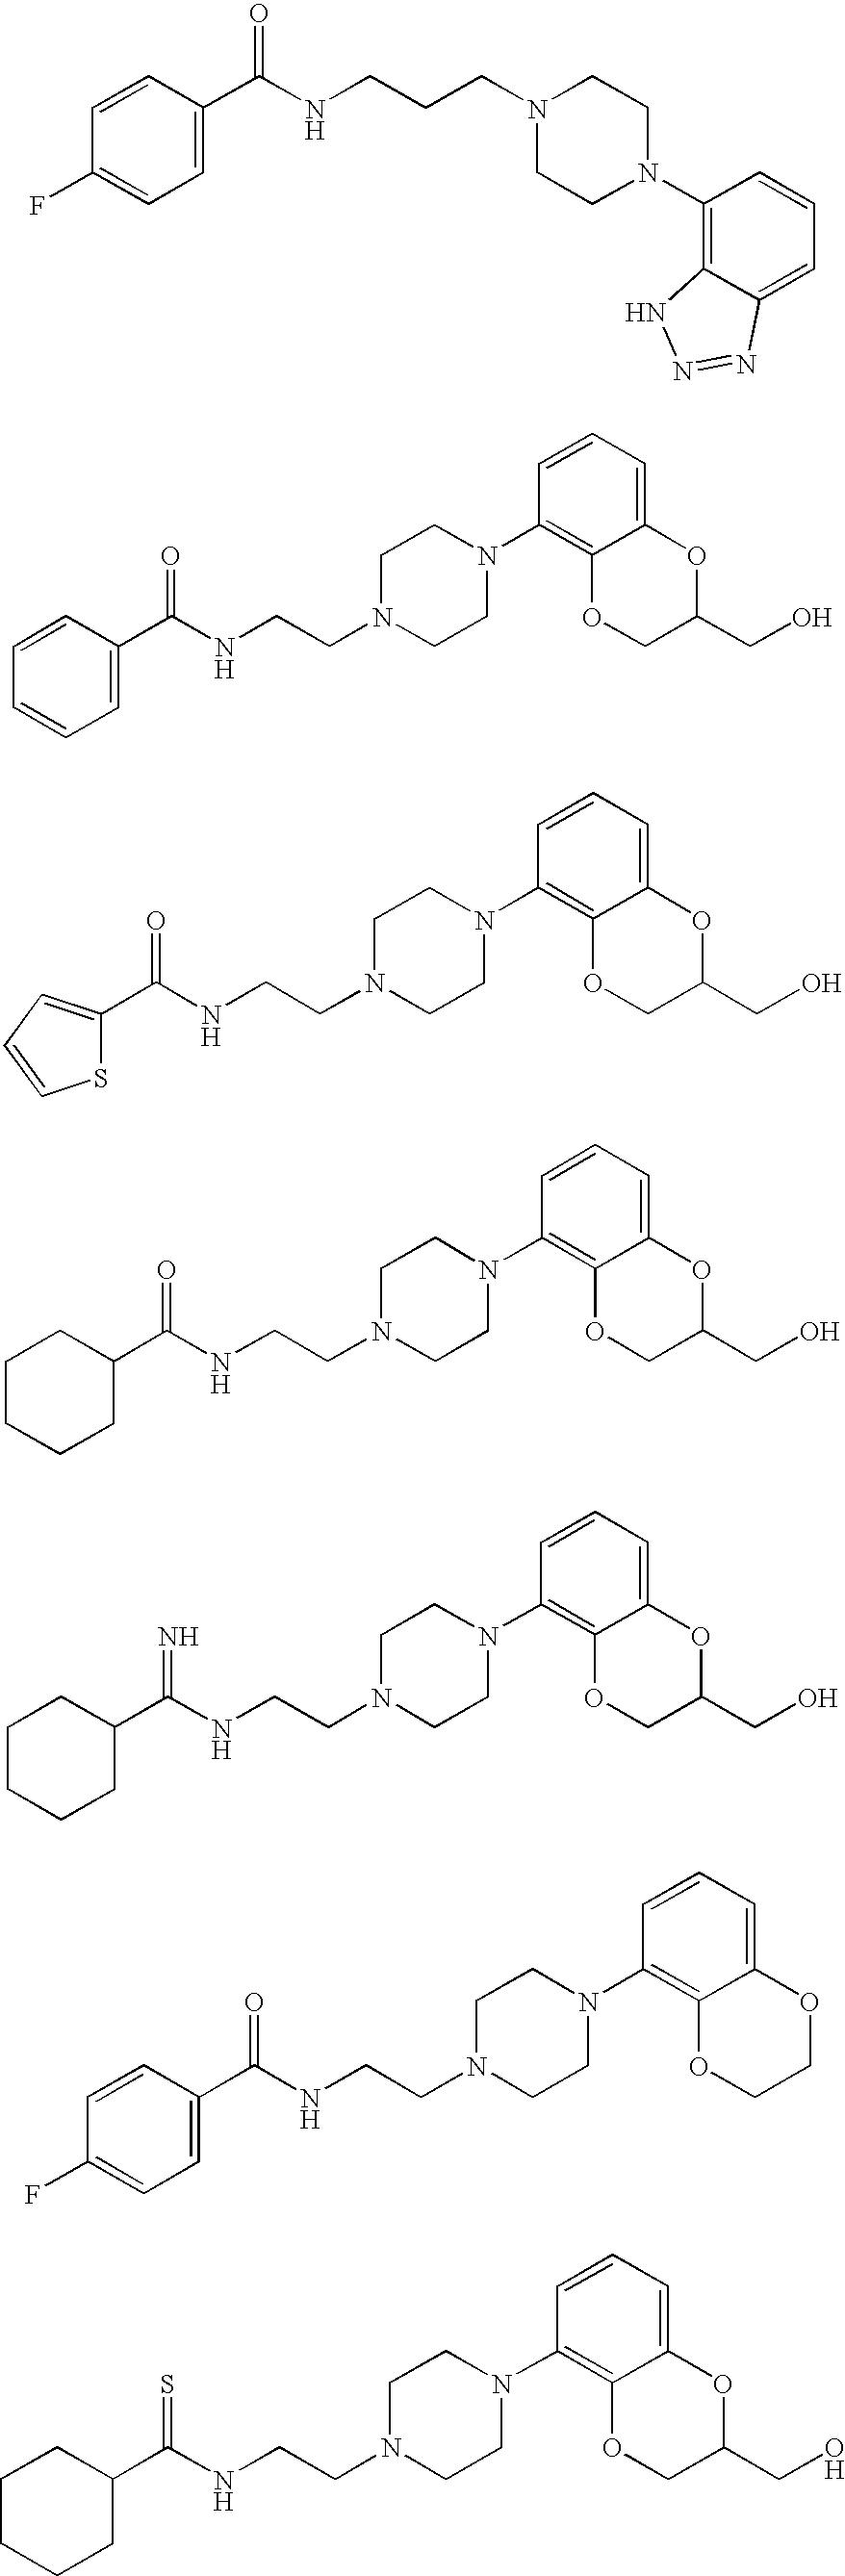 Figure US20100009983A1-20100114-C00177